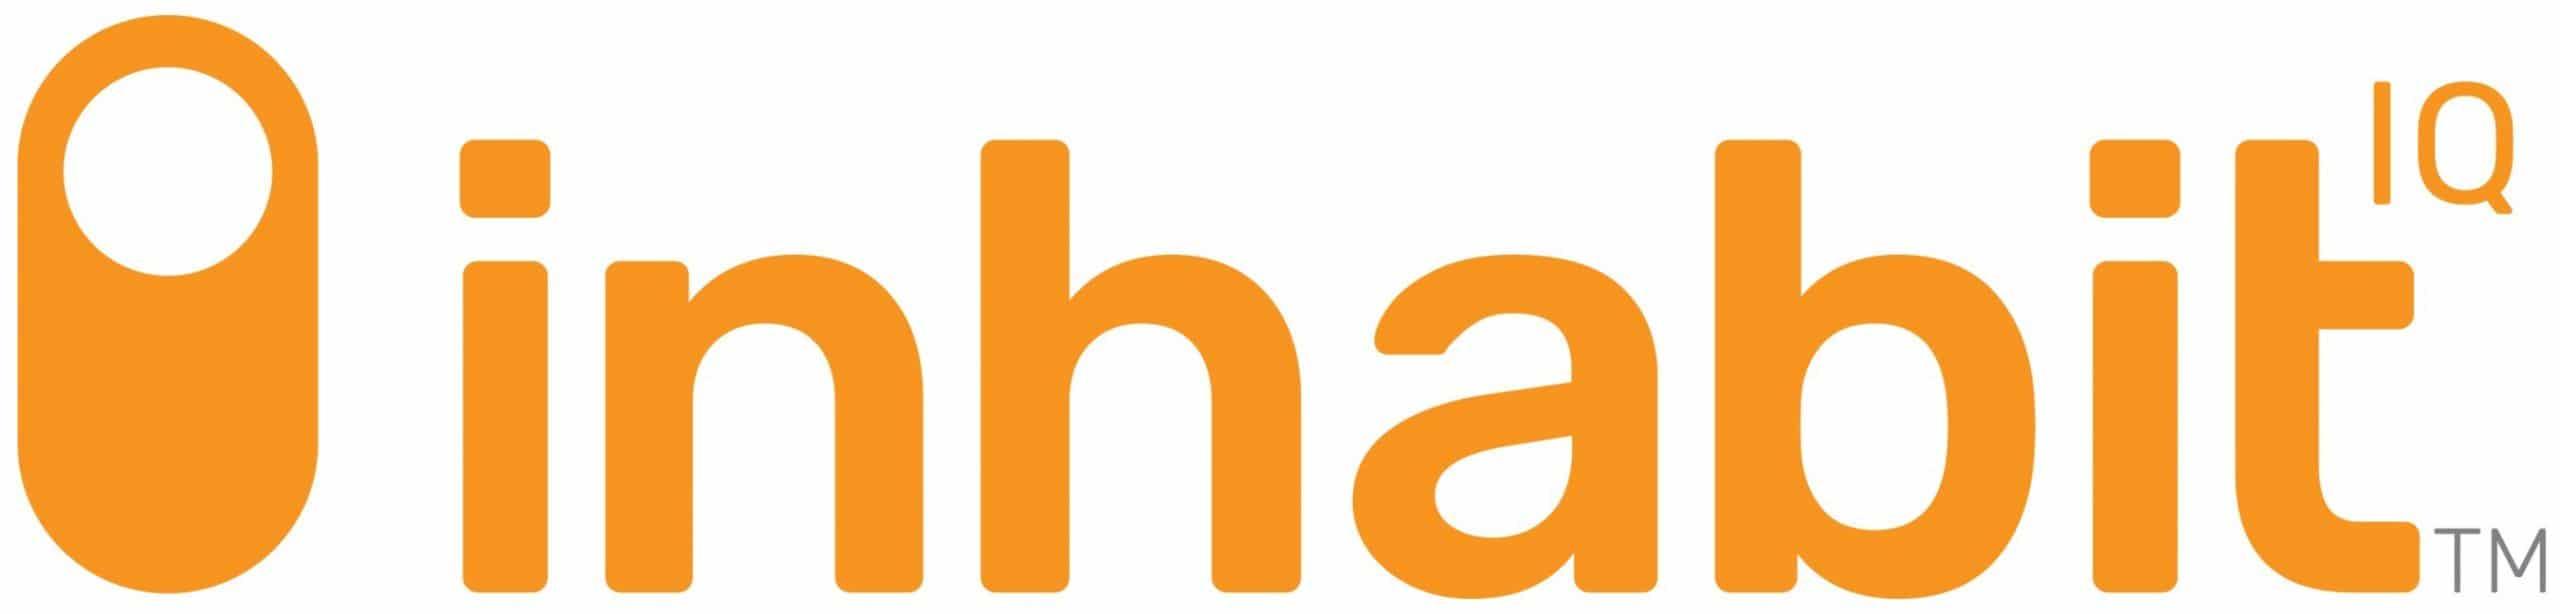 Inhabit IQ Orange Logo